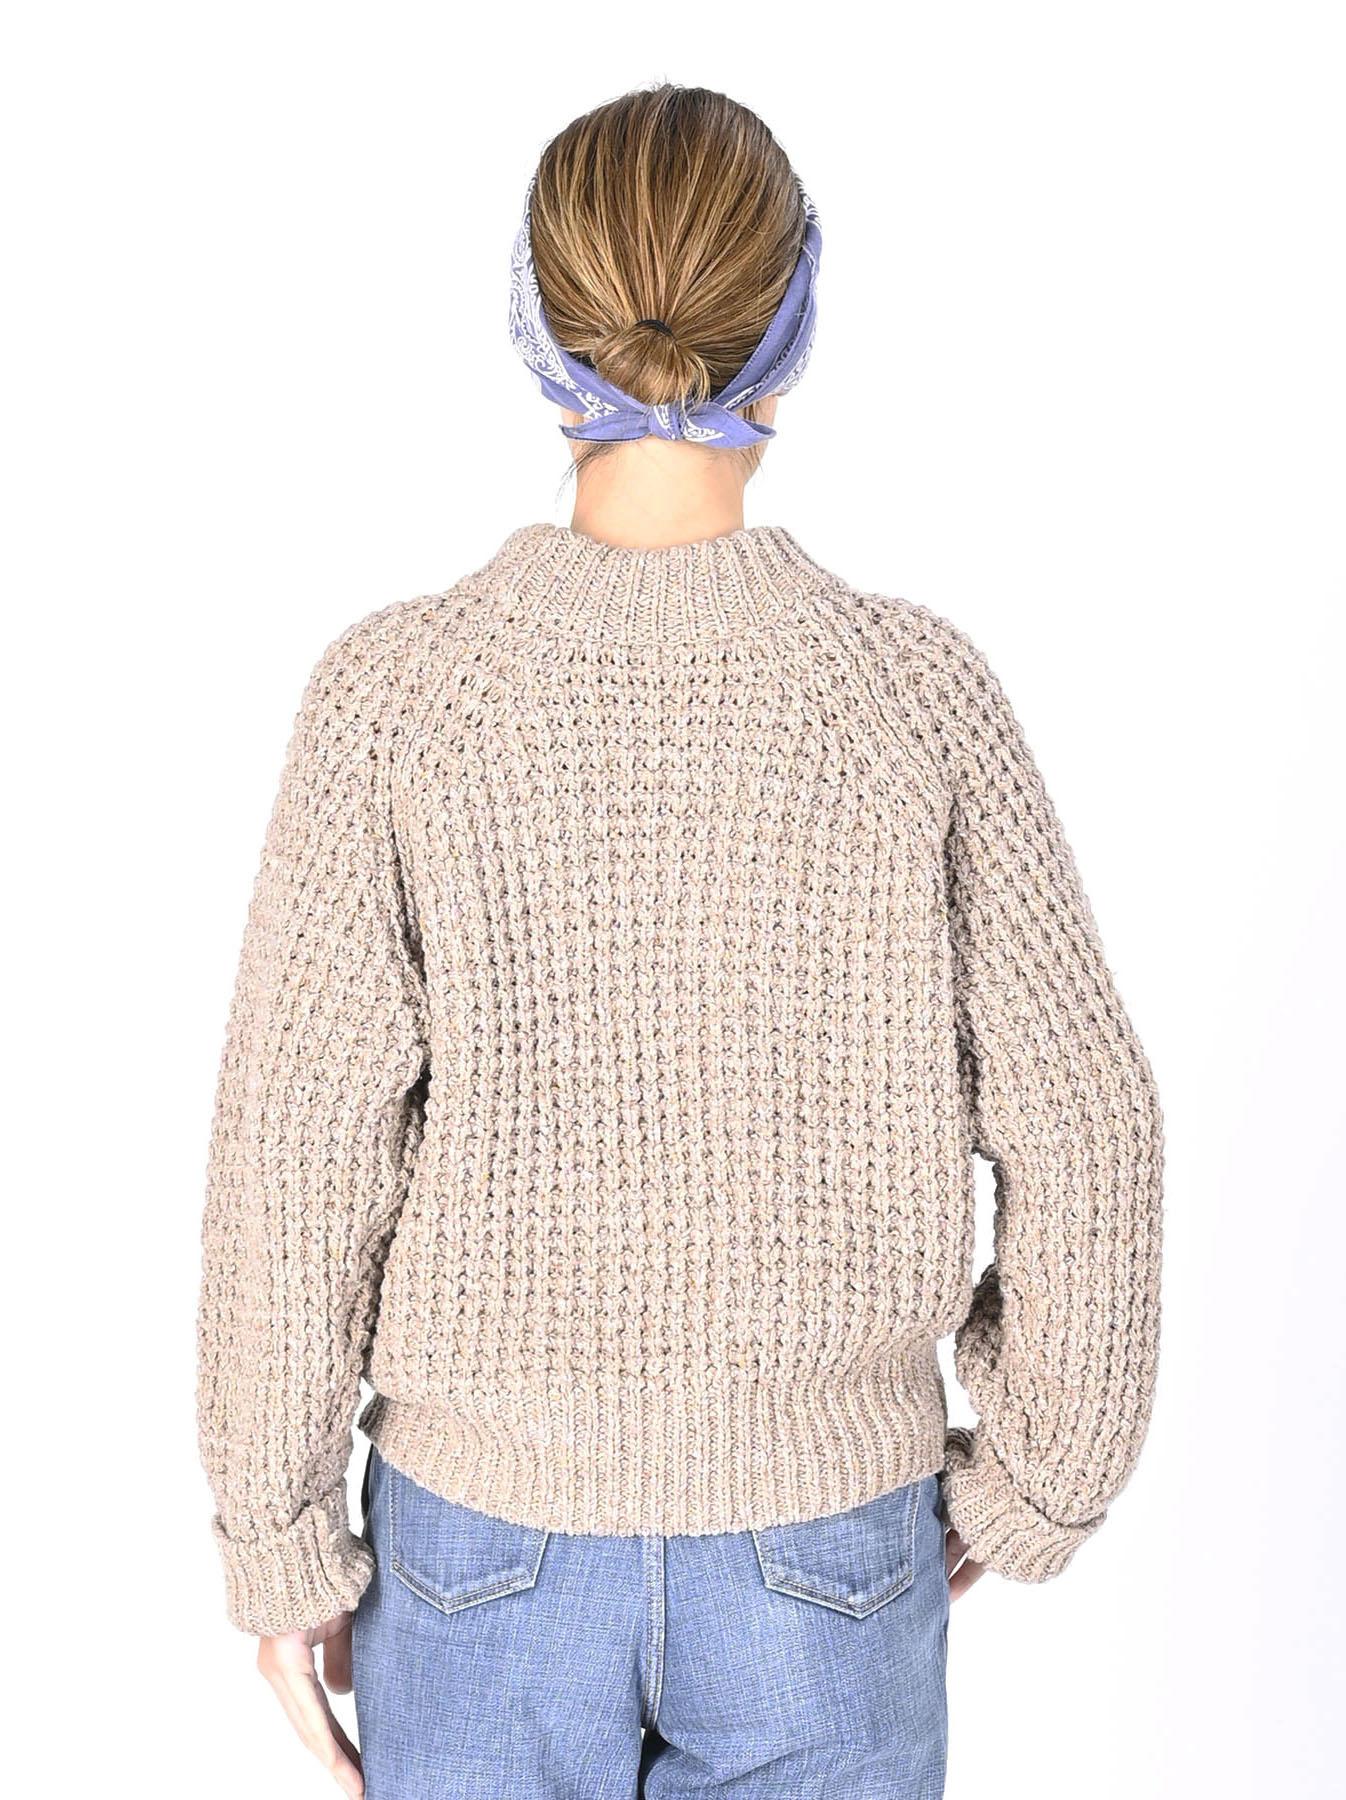 Cotton Knit-sew Big Waffle Sweater-12